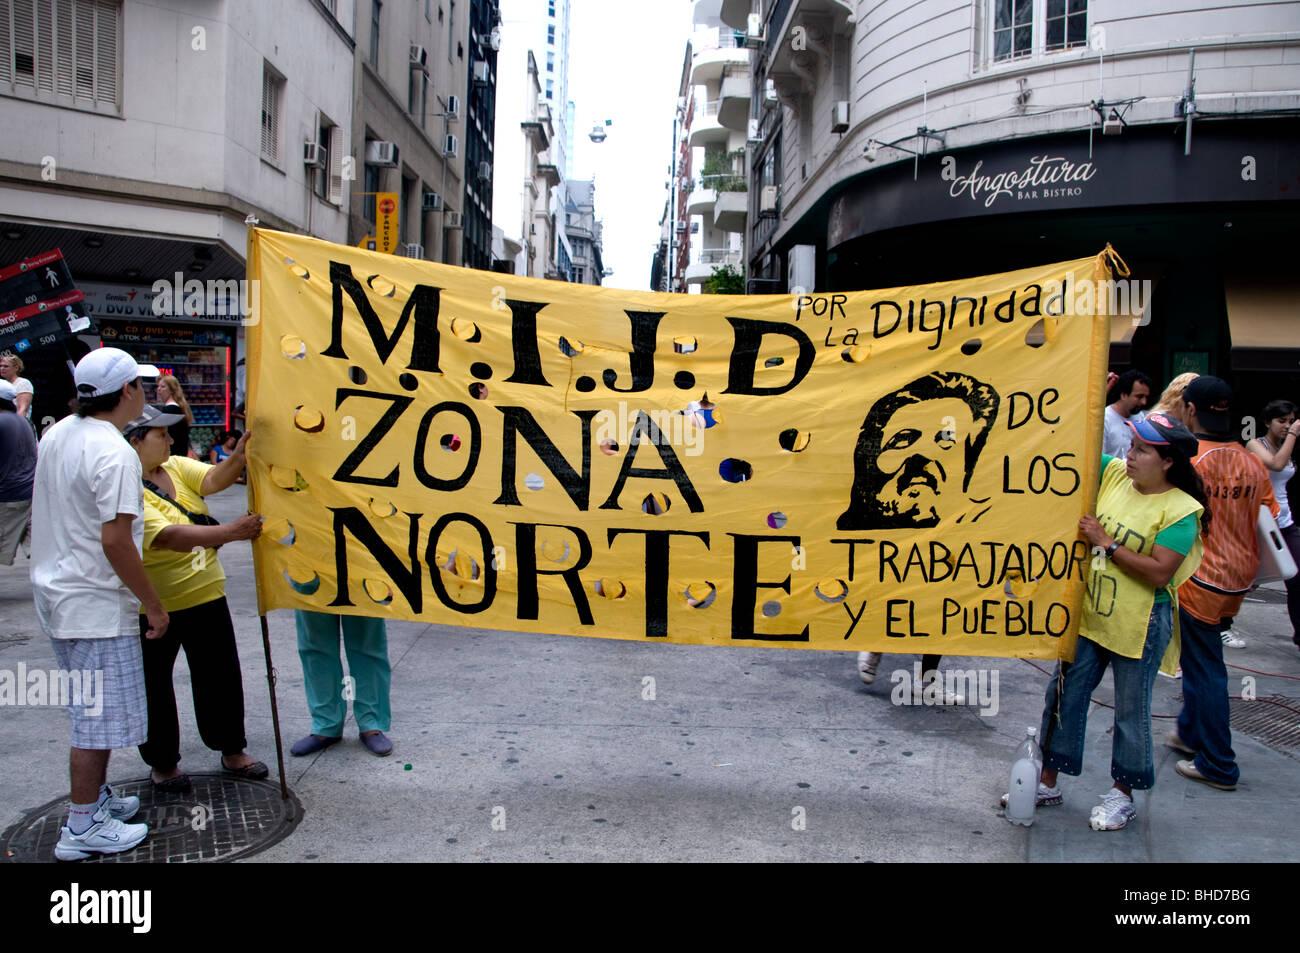 Demo Protest März Zona Norte Buenos Aires Argentinien Stadt Stockbild